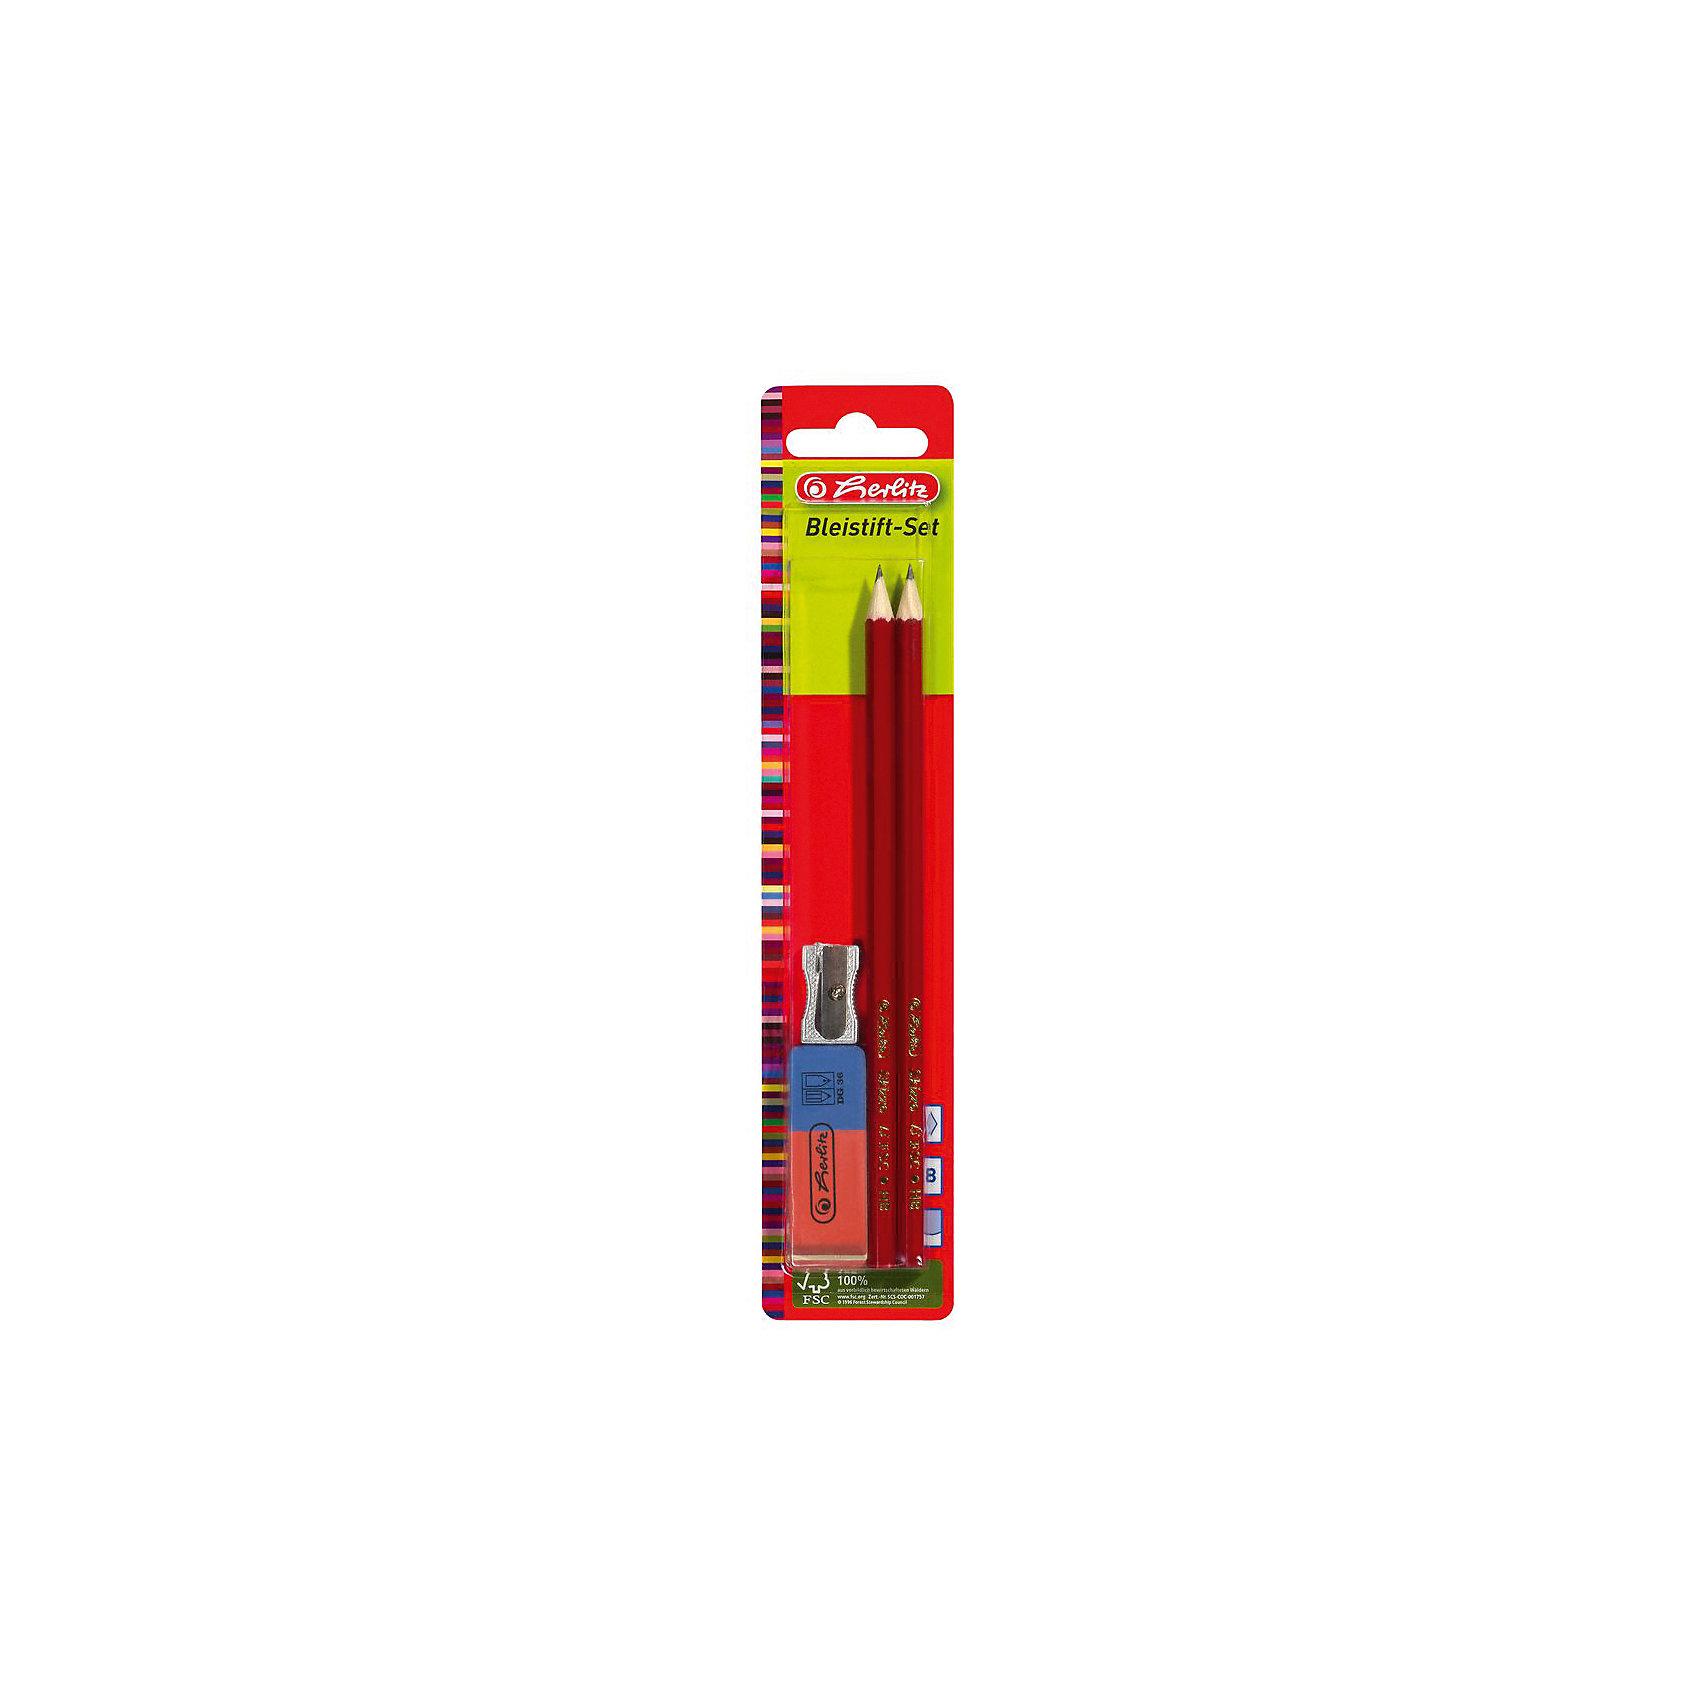 Herlitz Набор: 2 карандаша, точилка,ластикШкольные аксессуары<br>Характеристики:<br><br>• возраст: от 3 лет<br>• в наборе: карандаши чернографитные 2 шт., ластик, точилка с 1 отверстием<br>• твердость грифеля: НВ<br>• материал корпуса карандашей: древесина<br>• упаковка: блистер<br>• размер упаковки: 11х5х2 см.<br><br>Набор Herlitz (Херлиц) состоит из четырех базовых предметов для черчения — два карандаша, ластик и точилка. Карандаши с классическим шестигранным окрашенным корпусом, твердостью грифеля НВ. Древесина имеет сертификат экологически ответственного управления лесными ресурсами FSC.<br><br>Ластик двусторонний, предназначен для стирания, как карандаша, так и чернил.<br><br>Точилка c 1 отверстием, без контейнера, в алюминиевом корпусе предназначена для заточки карандашей диаметром 8 мм.<br><br>Herlitz Набор: 2 карандаша, точилка,ластик можно купить в нашем интернет-магазине.<br><br>Ширина мм: 140<br>Глубина мм: 490<br>Высота мм: 2350<br>Вес г: 0<br>Возраст от месяцев: 36<br>Возраст до месяцев: 2147483647<br>Пол: Унисекс<br>Возраст: Детский<br>SKU: 6892621